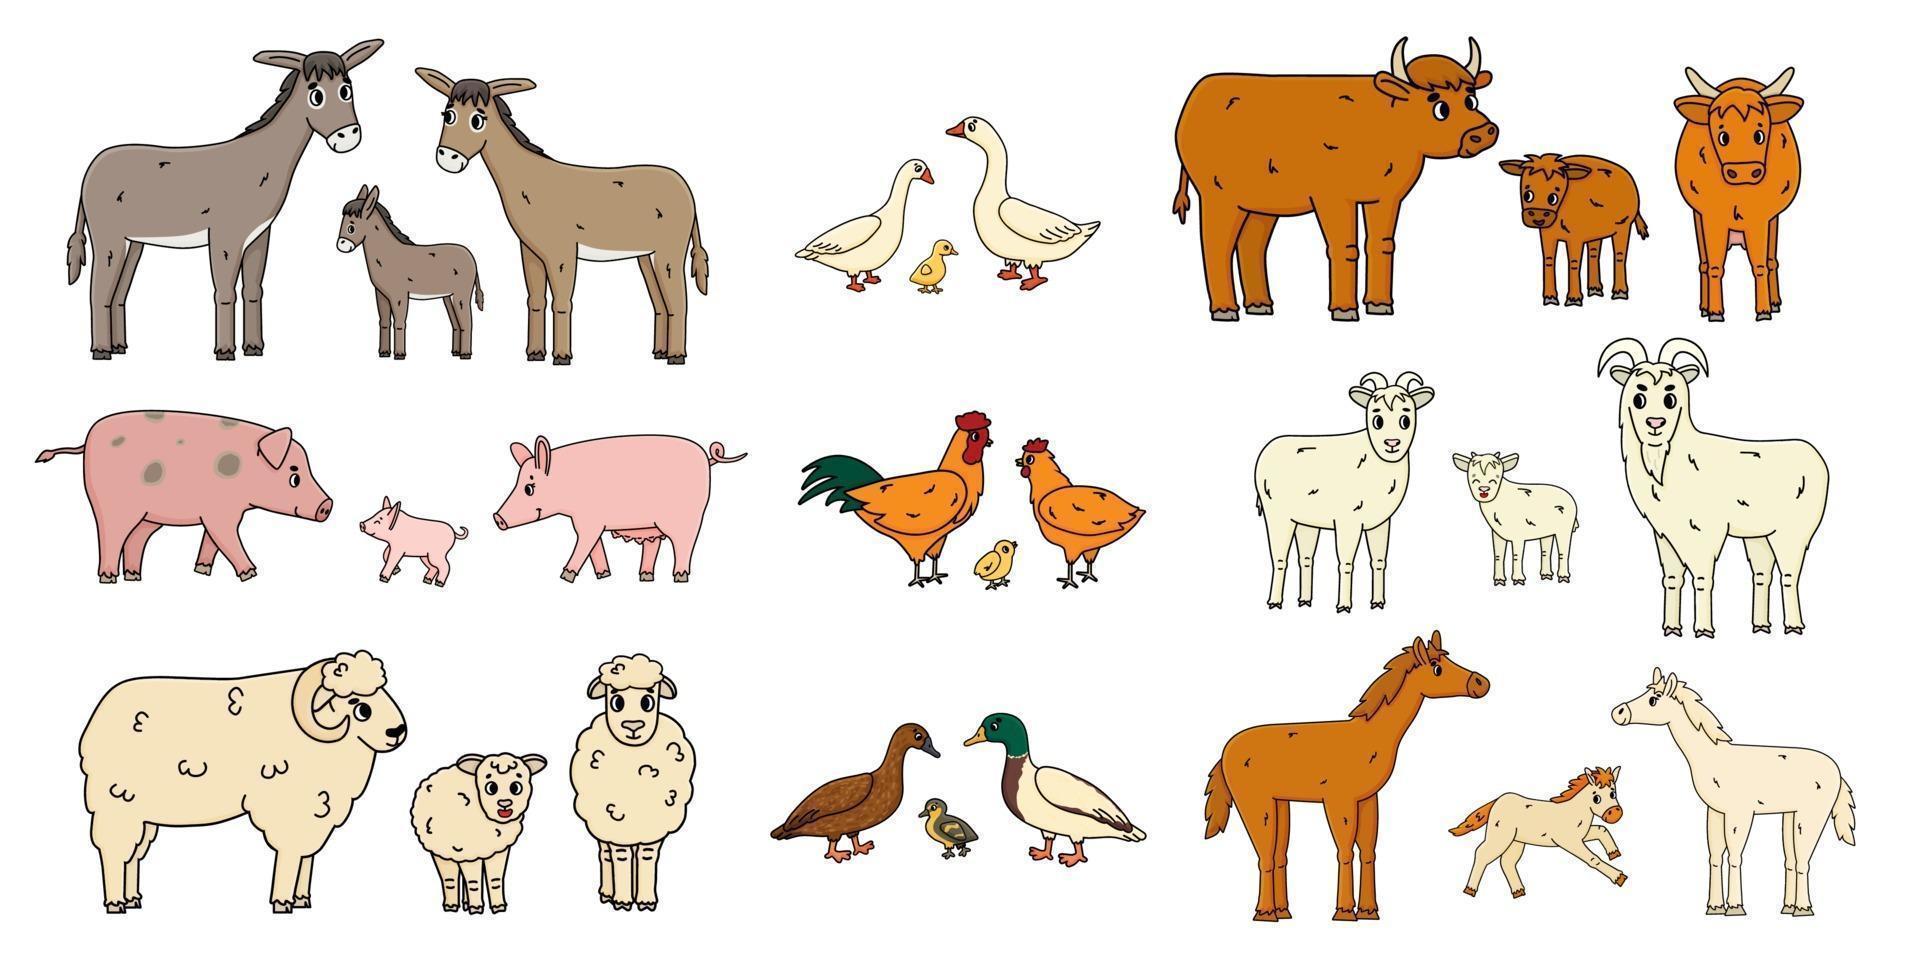 famílias de animais de fazenda fofos isoladas no fundo branco. esboço do vetor desenho animado doodle coleção animais burro ganso vaca boi porco porco galinha galinha galinha galo cabra ovelha pato cavalo para livro infantil